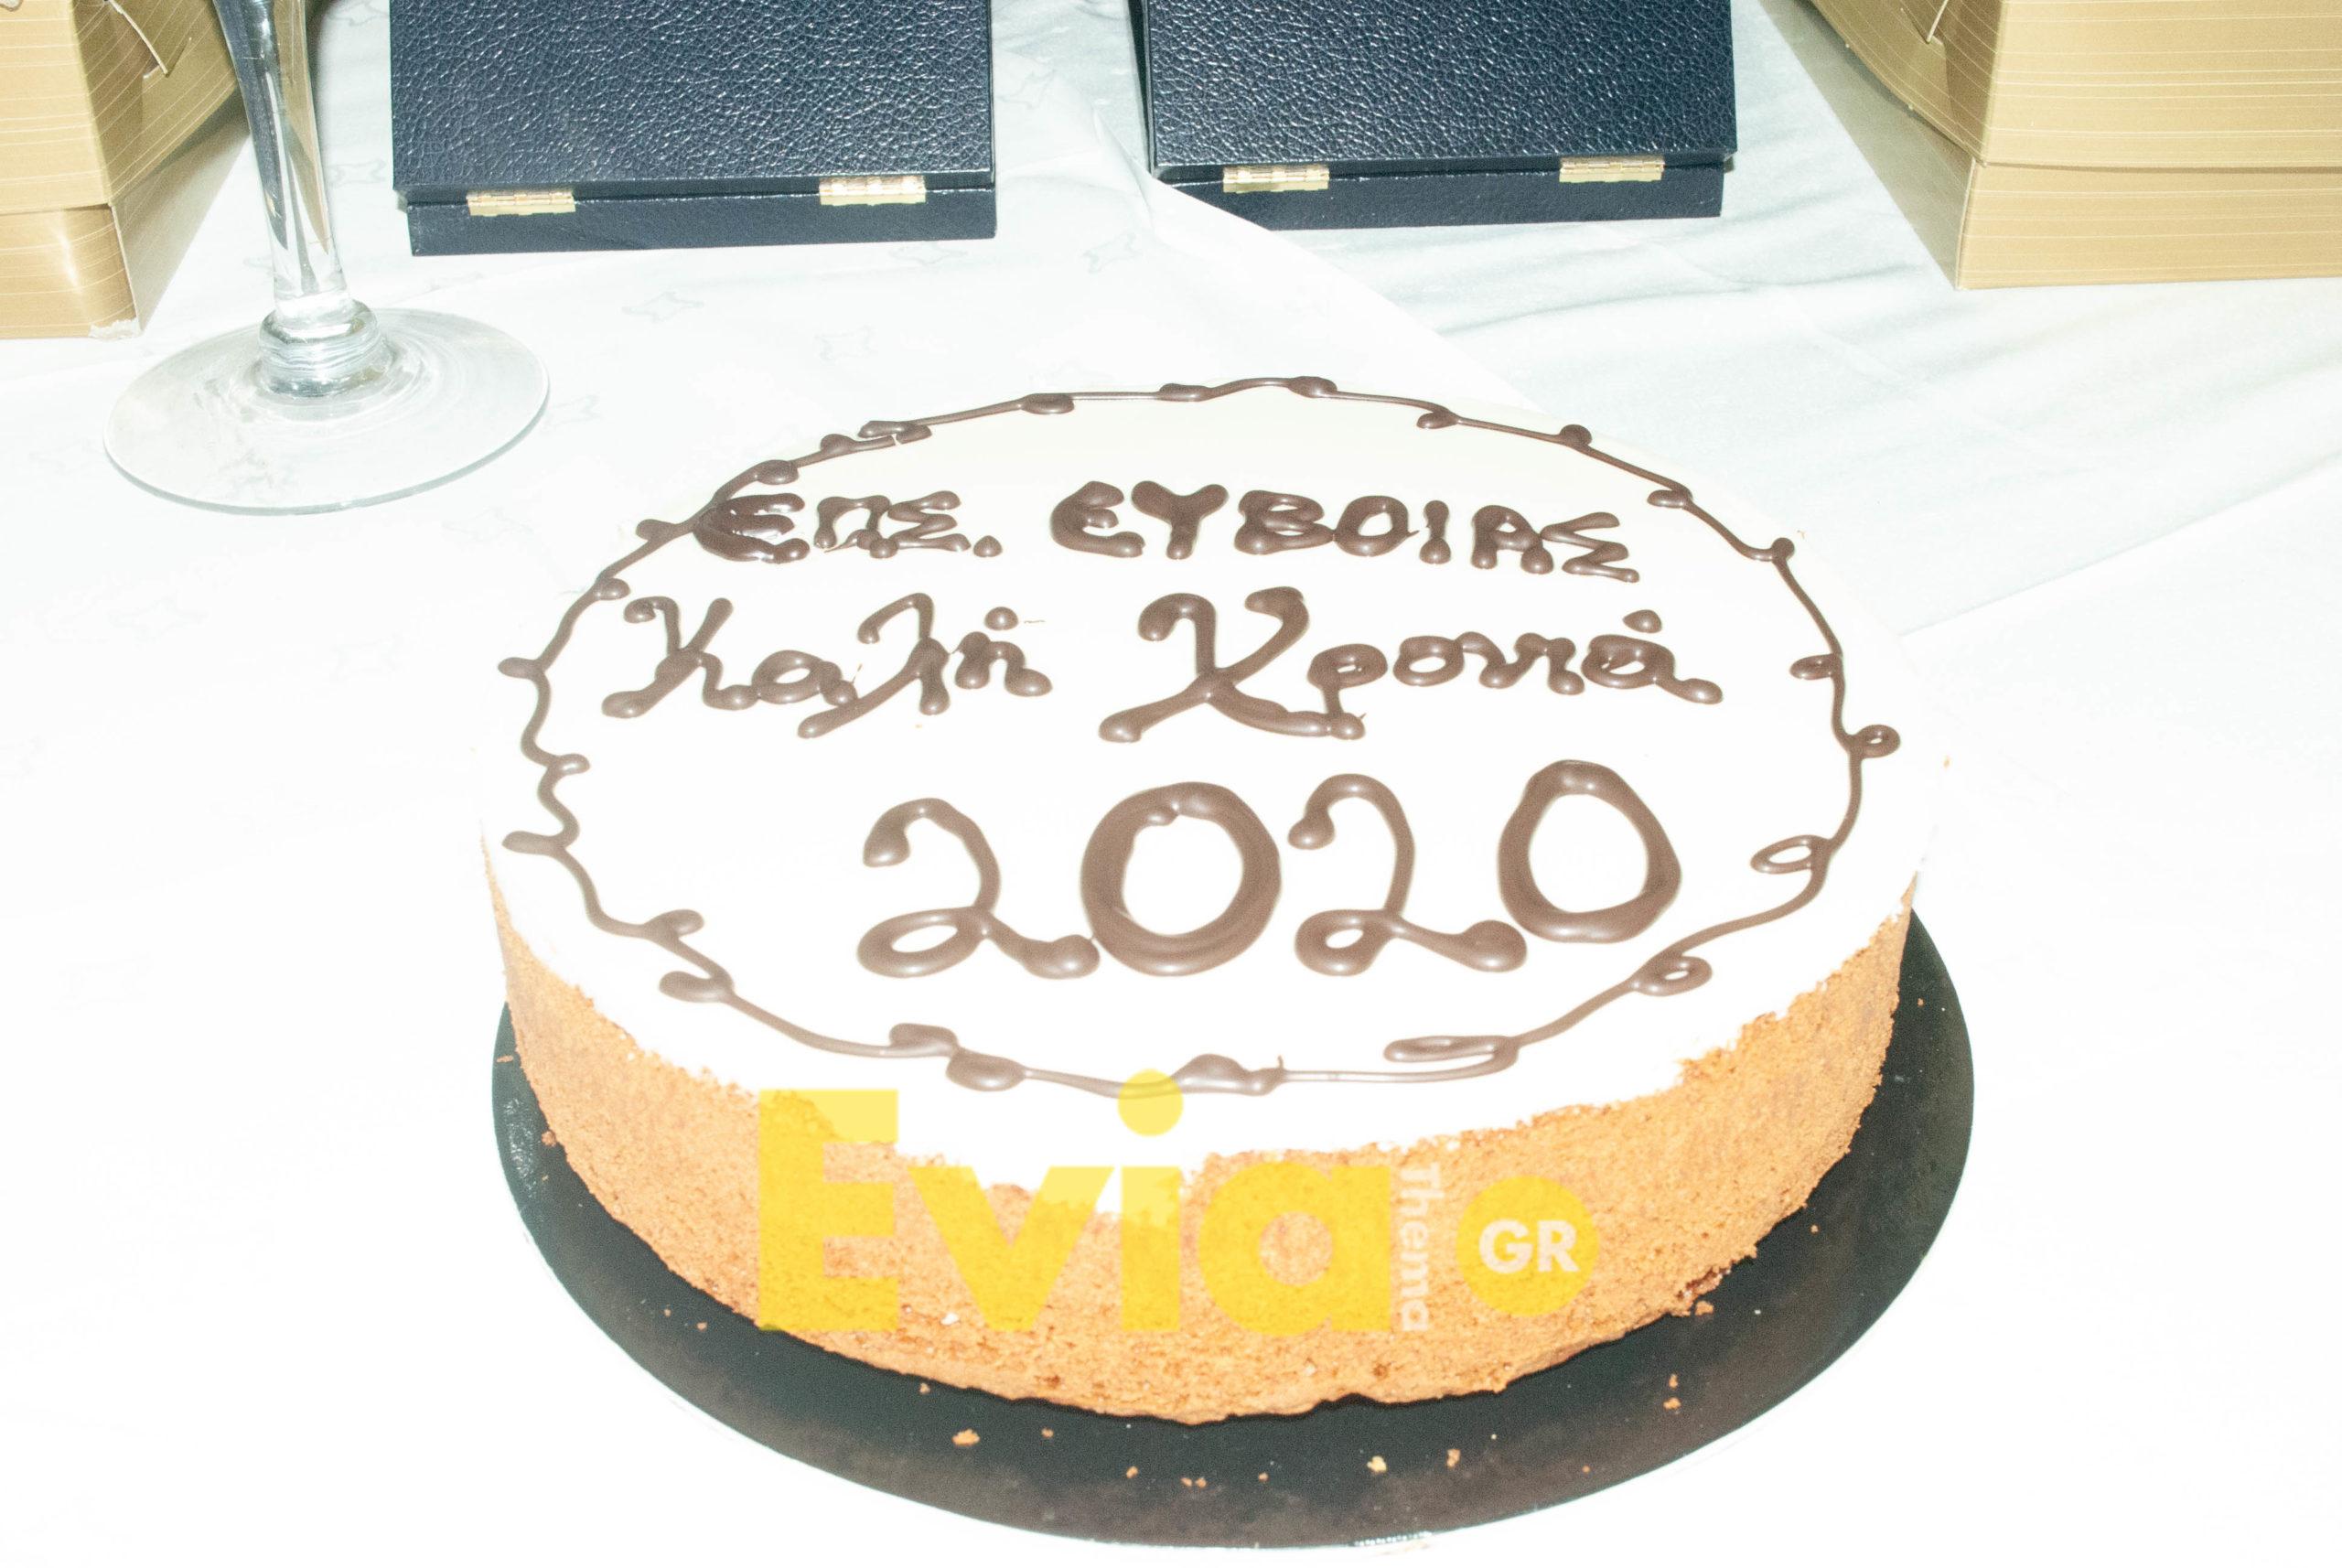 ΕΠΣ Ευβοίας Πραγματοποιήθηκε η κοπή πίτας της ΕΠΣ Ευβοίας για τα σωματεία Κεντρικής Εύβοιας DSC 0451 scaled